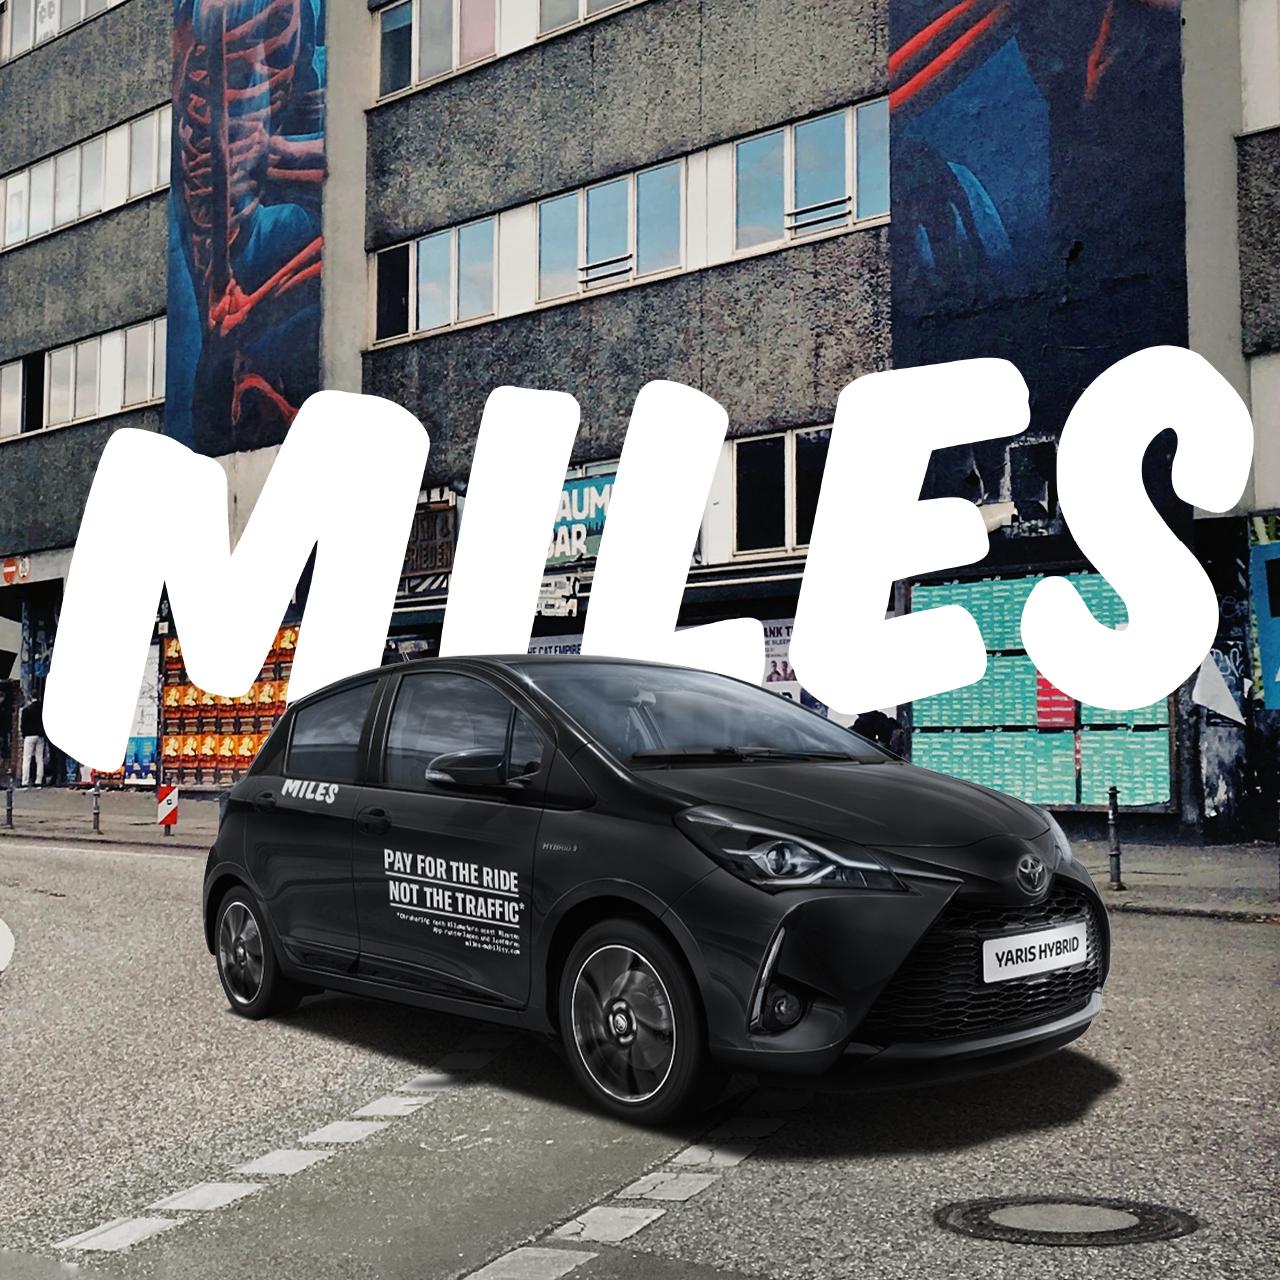 Kostenlose Registrierung mit 30€ MILEScredits bei Carsharing MILES - Köln, Berlin, München, Hamburg, Düsseldorf, Sylt